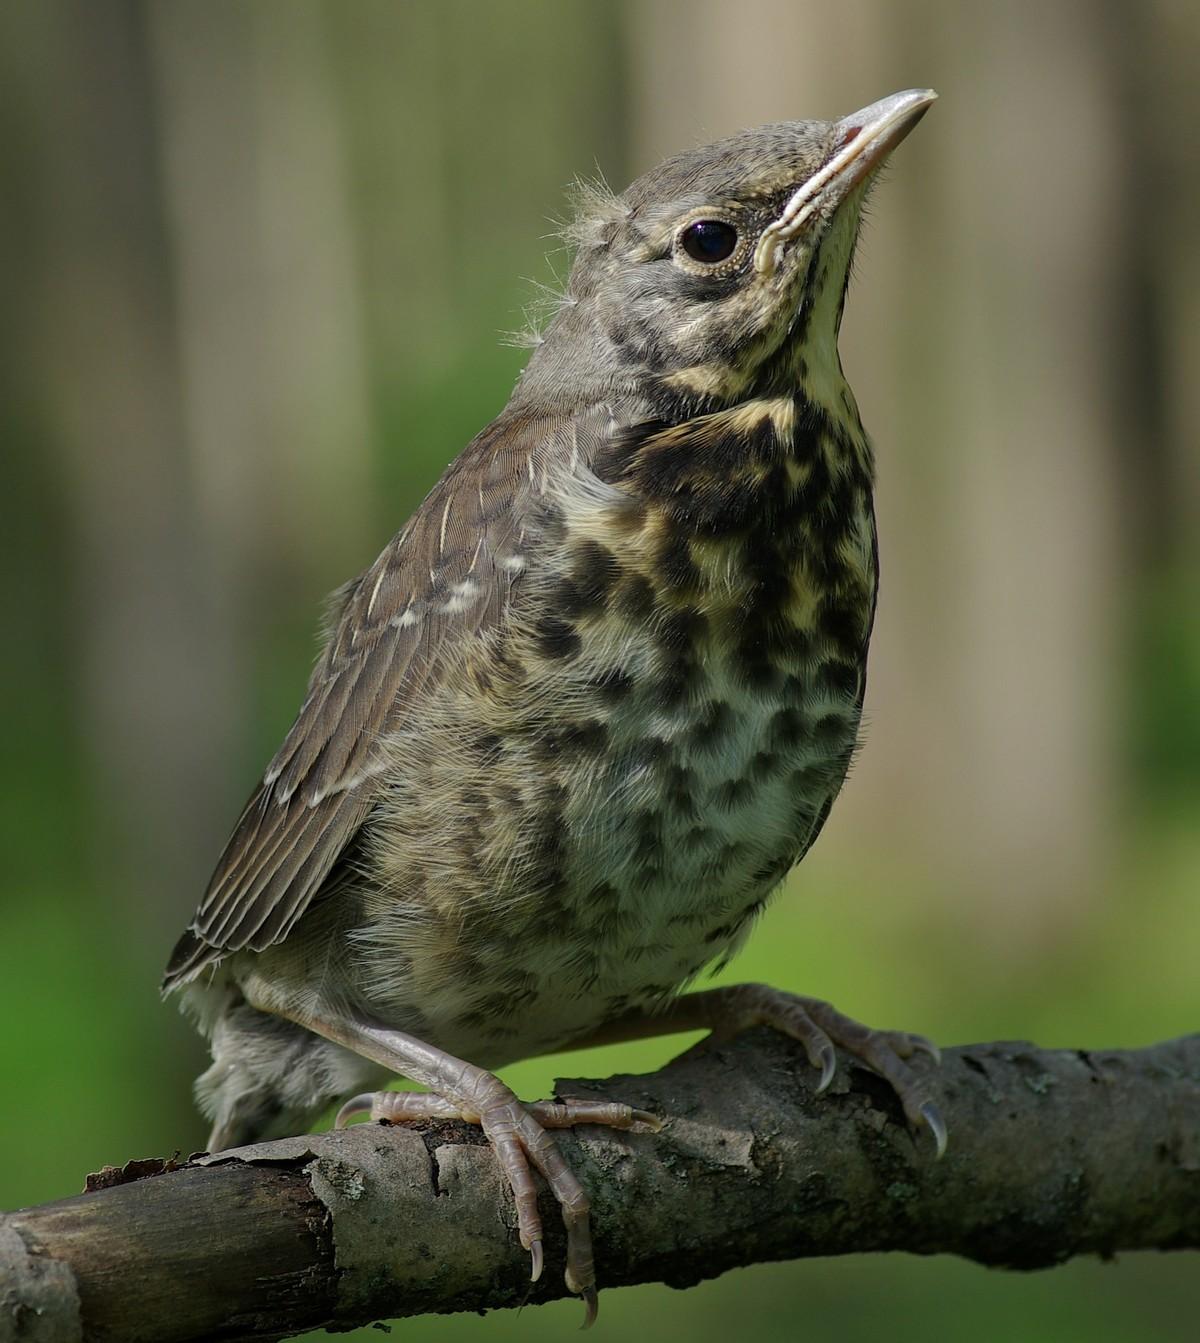 утверждают птица дрозд фото и описание получаются типовыми, но